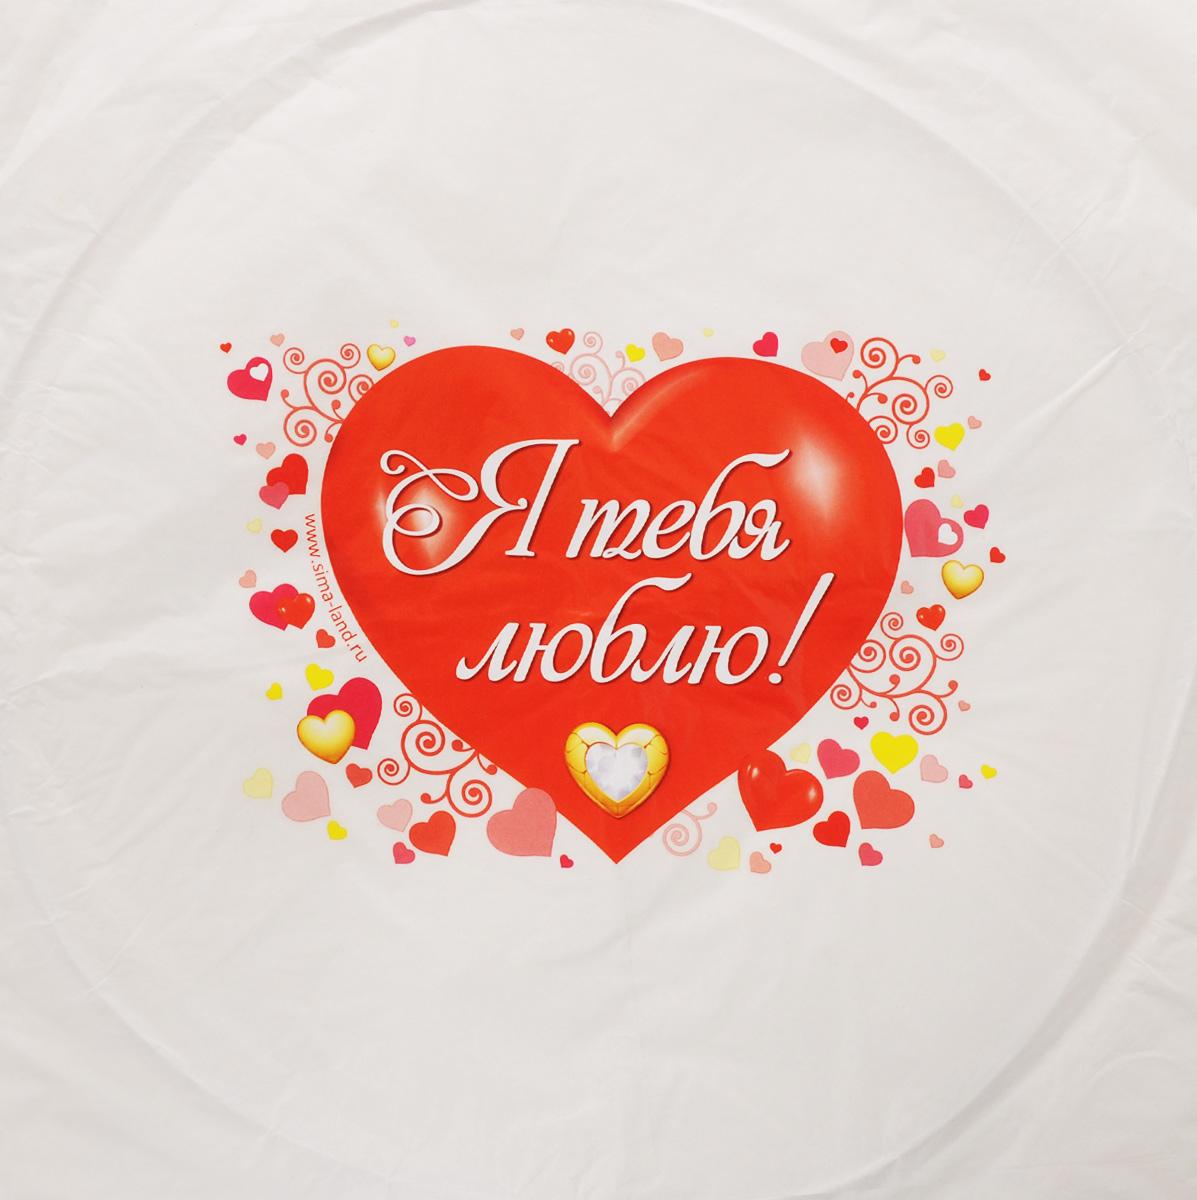 Фонарик бумажный Страна Карнавалия Я люблю тебя!, цвет: белый, красный, желтыйBH0119-RКитайский бумажный фонарик Страна Карнавалия Я люблю тебя! с изображением сердца и надписью Я люблю тебя! станет оригинальным способом отметить любой праздник. С помощью фонарика можно признаться в любви, и даже поздравить с днем рождения любимого человека. На Востоке небесные фонарики пользуются большой популярностью. Перед запуском фонарика пишется записка с желанием и привязывается к его основанию. В качестве фитиля служит кусок воска, который входит в комплект. Высота полета фонарика может достигать 300 метров, при этом вы будете около 15 минут наблюдать за яркой, курсирующей по небу точкой.С бумажным фонариком Страна Карнавалия Я люблю тебя! ваш праздник обретет неповторимую атмосферу.